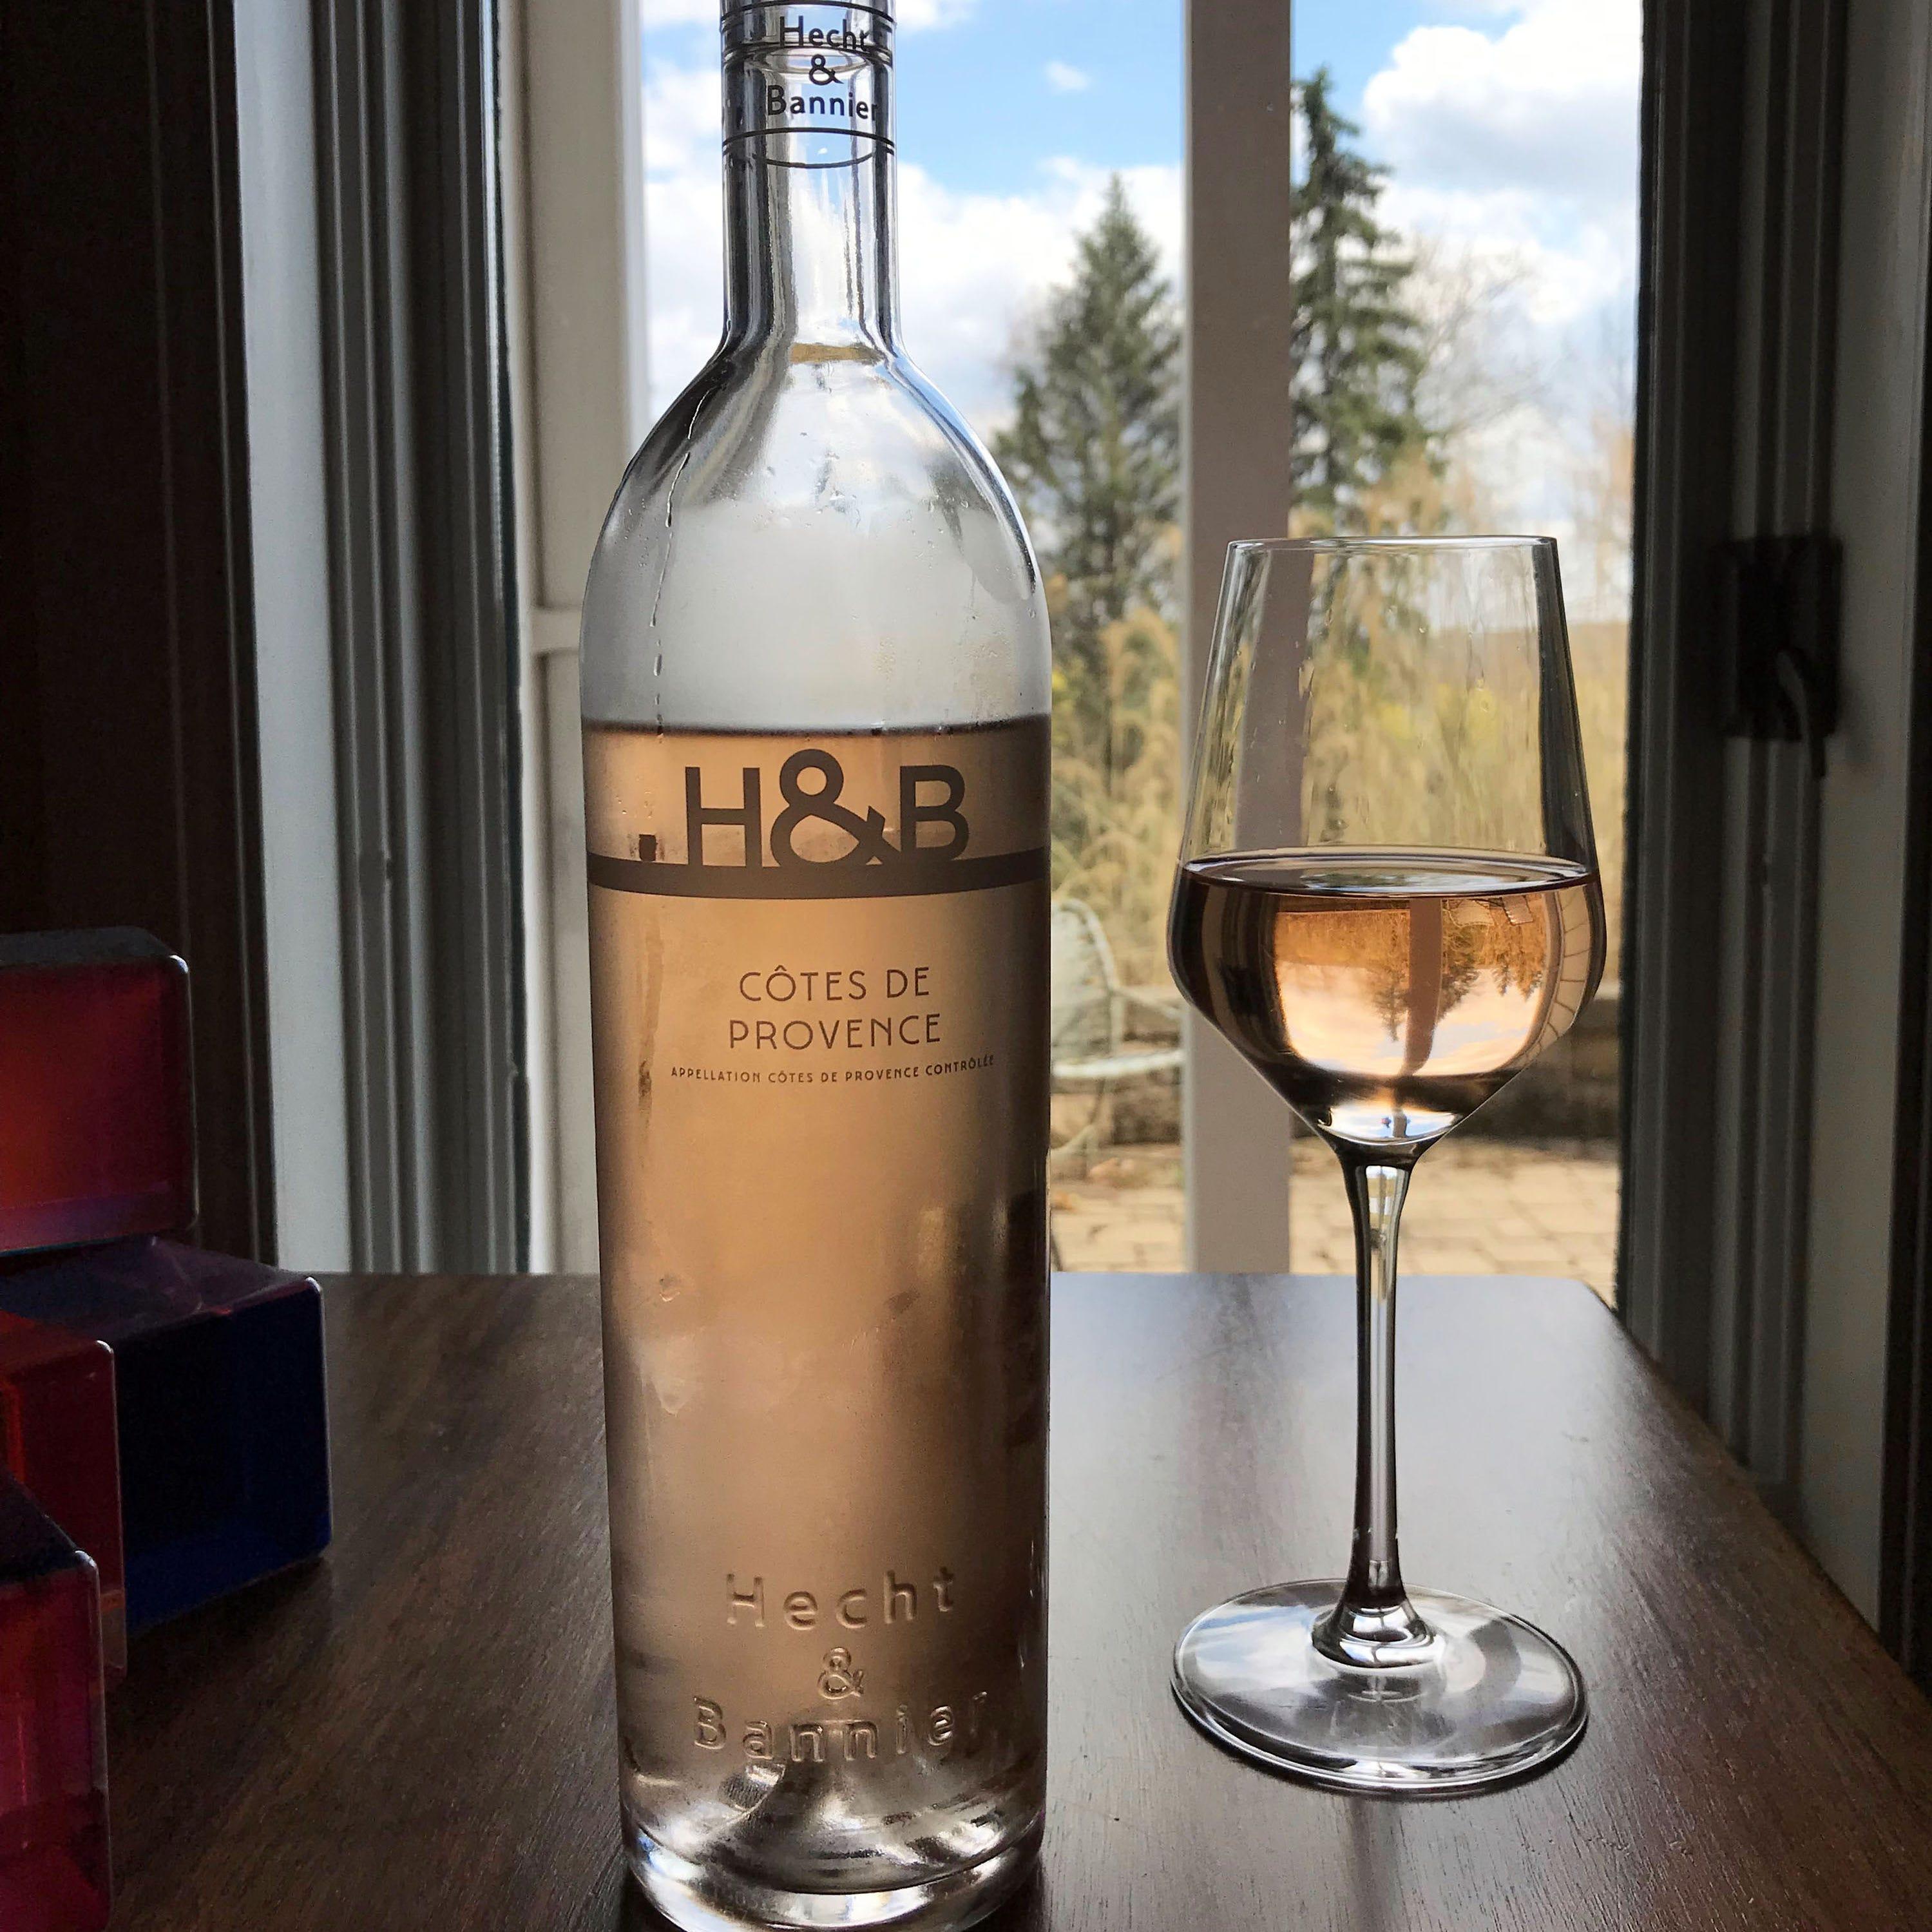 The 2018 Hecht & Bannier Cotes de Provence, made...